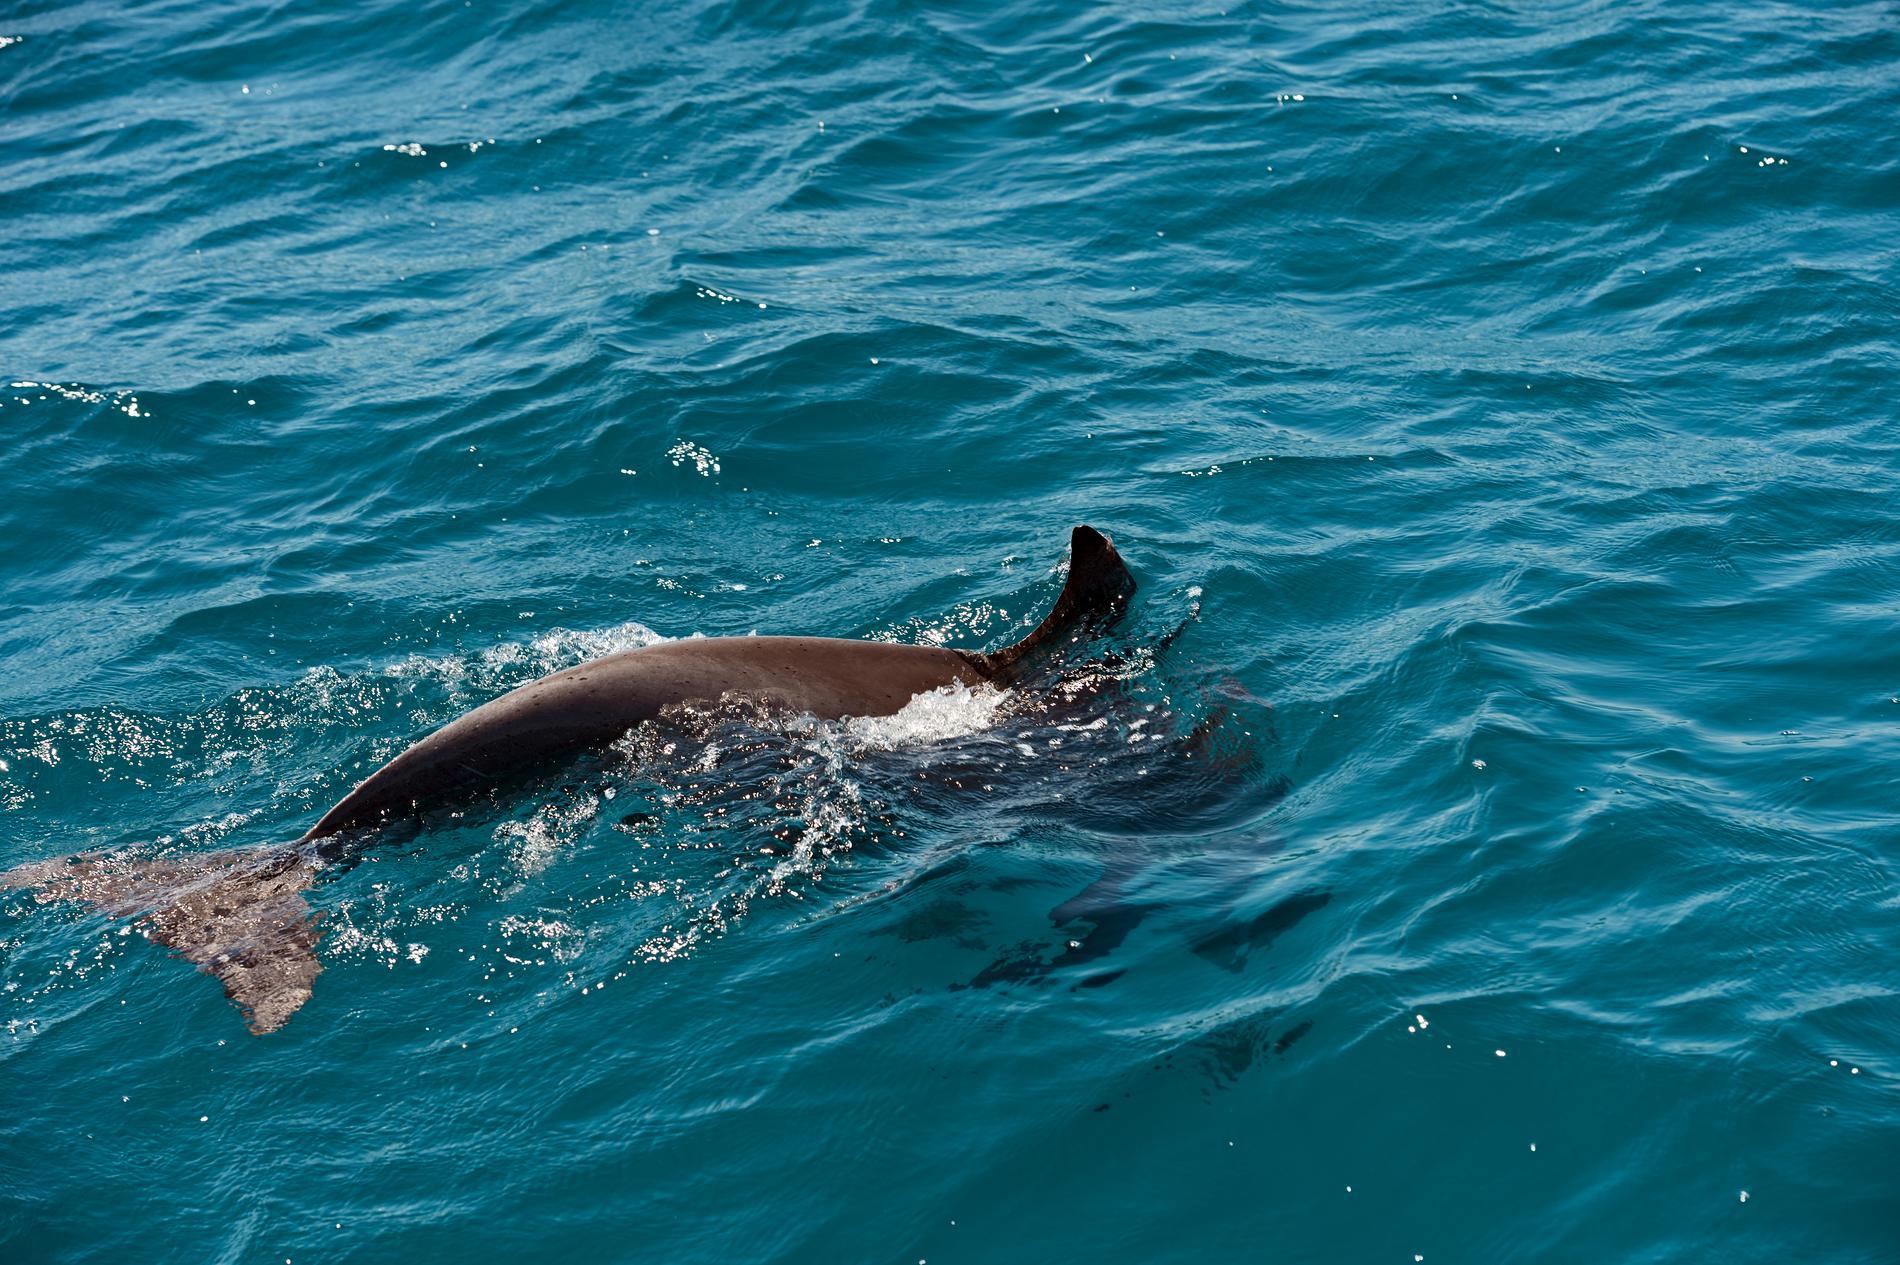 Har du tur så får du syn på en delfin ute till havs.